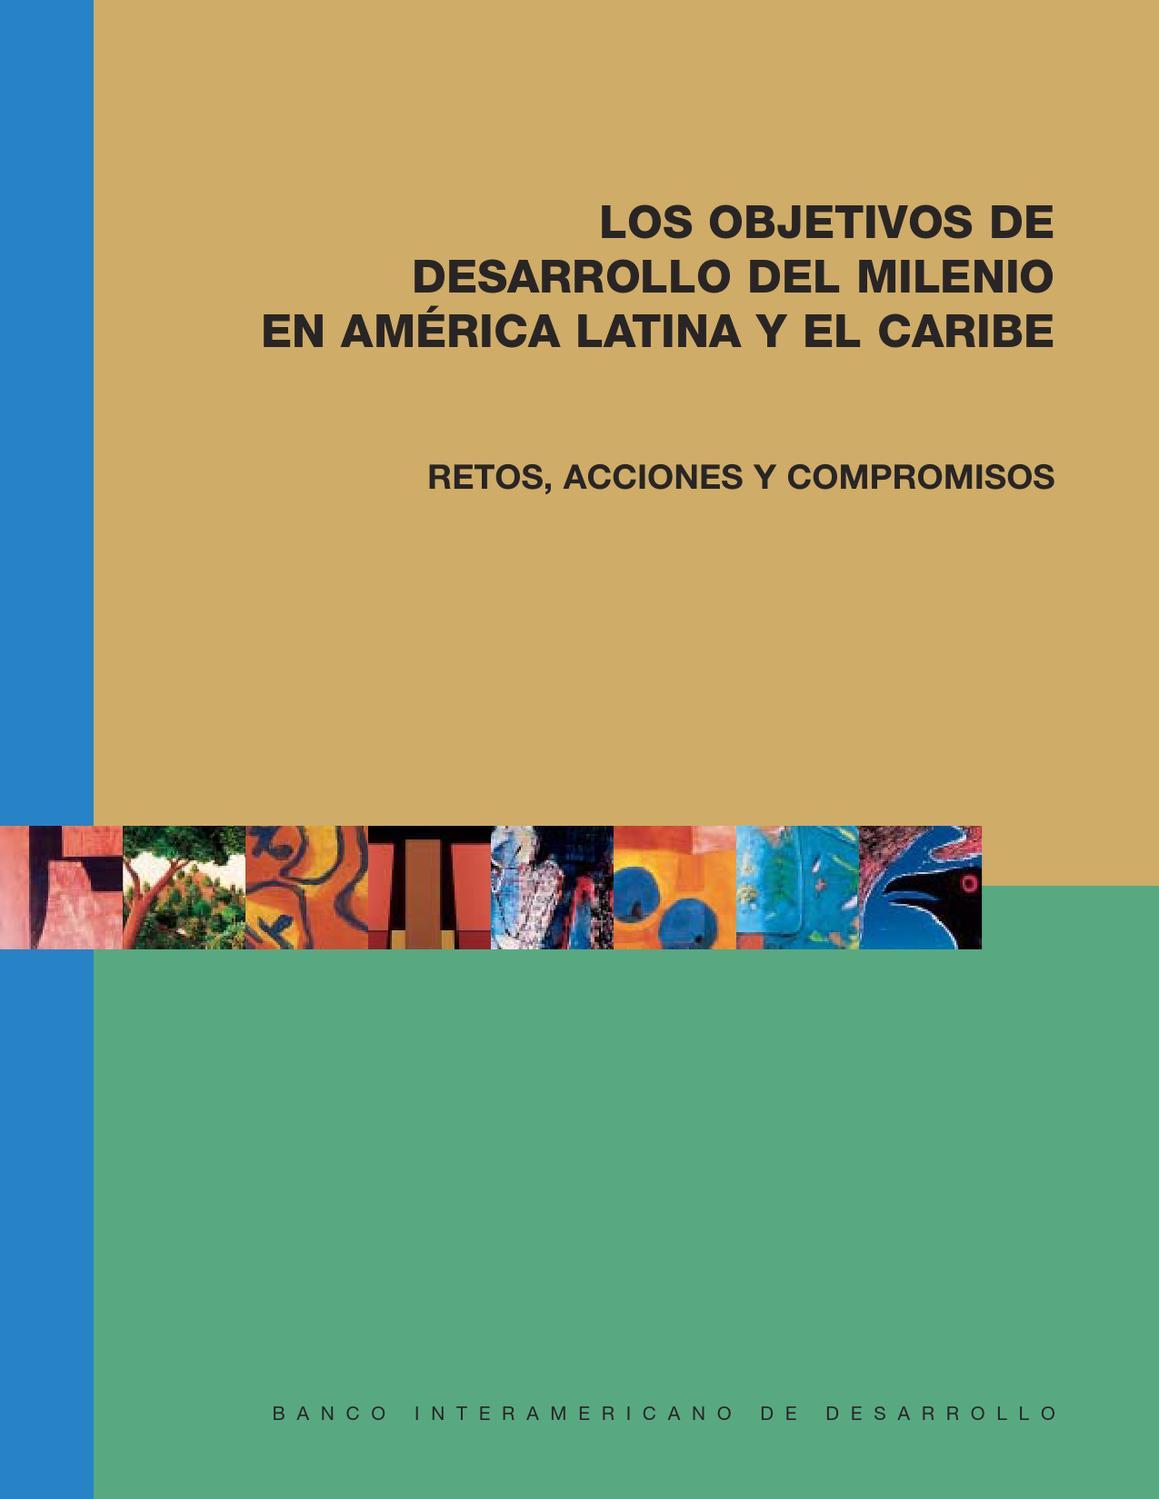 Los objetivos de desarrollo del milenio en América Latina y el ...